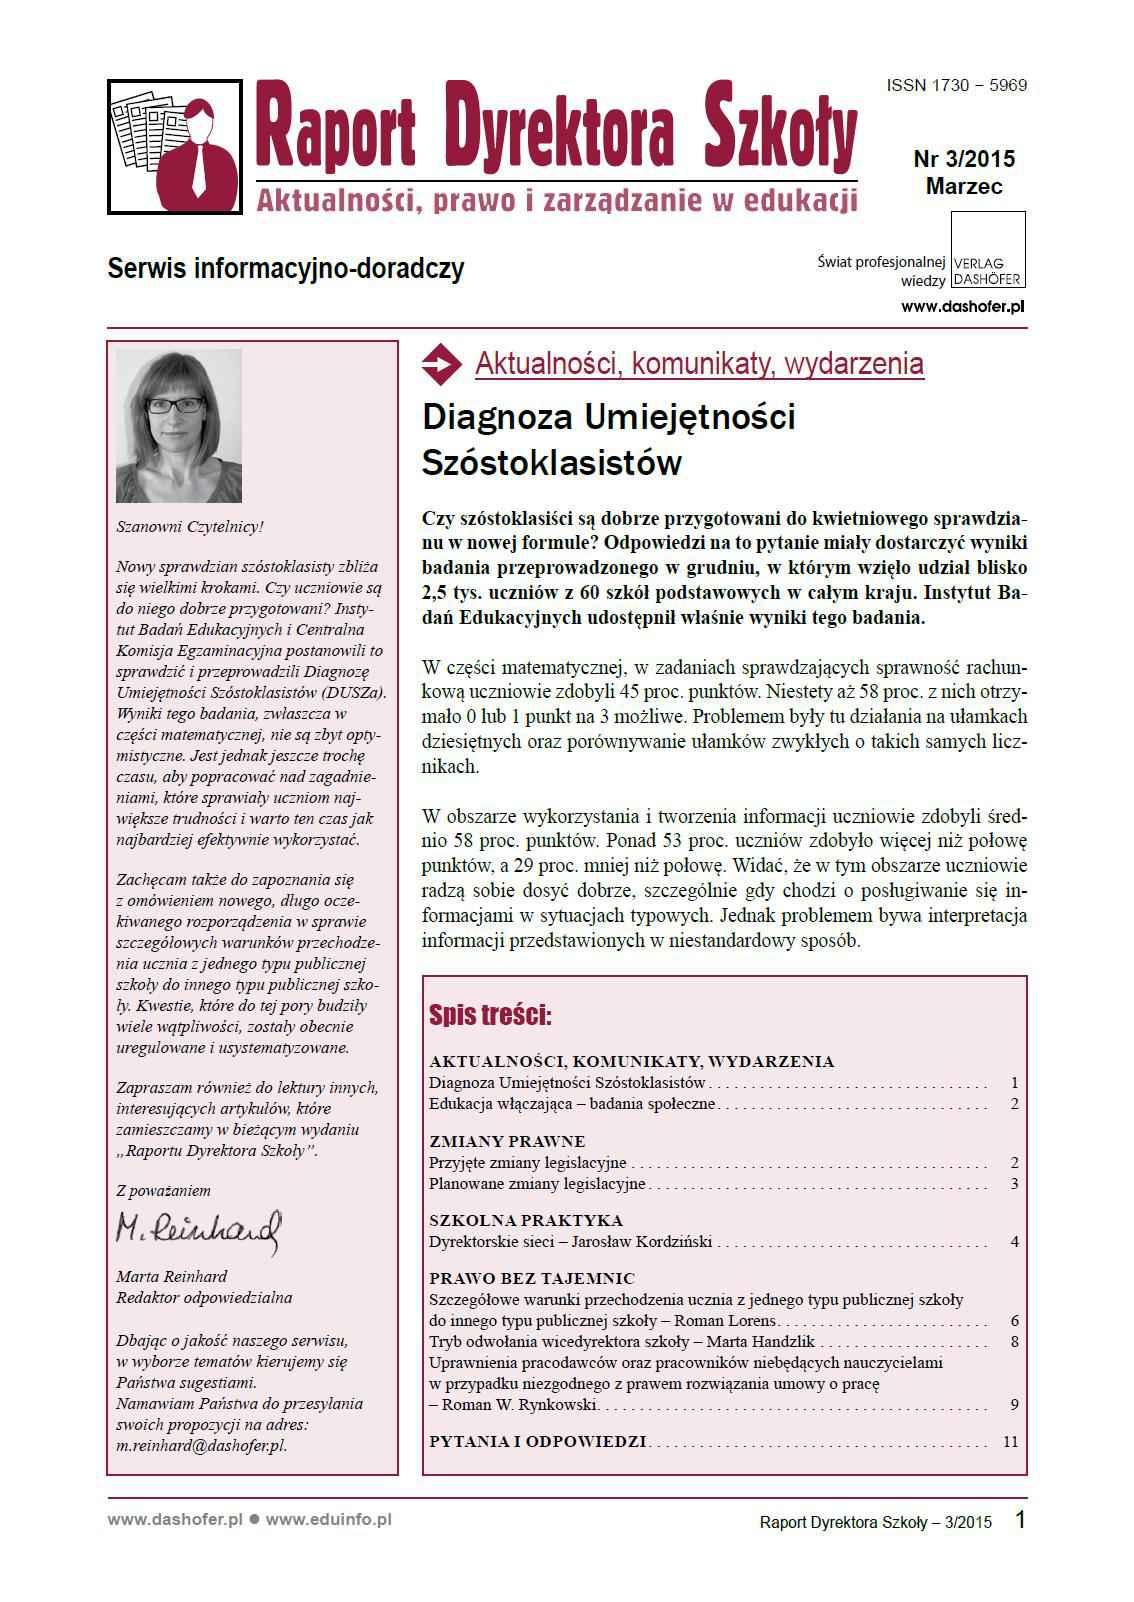 Raport Dyrektora Szkoły. Aktualności, prawo i zarządzanie w edukacji. Nr 3/2015 - Ebook (Książka PDF) do pobrania w formacie PDF